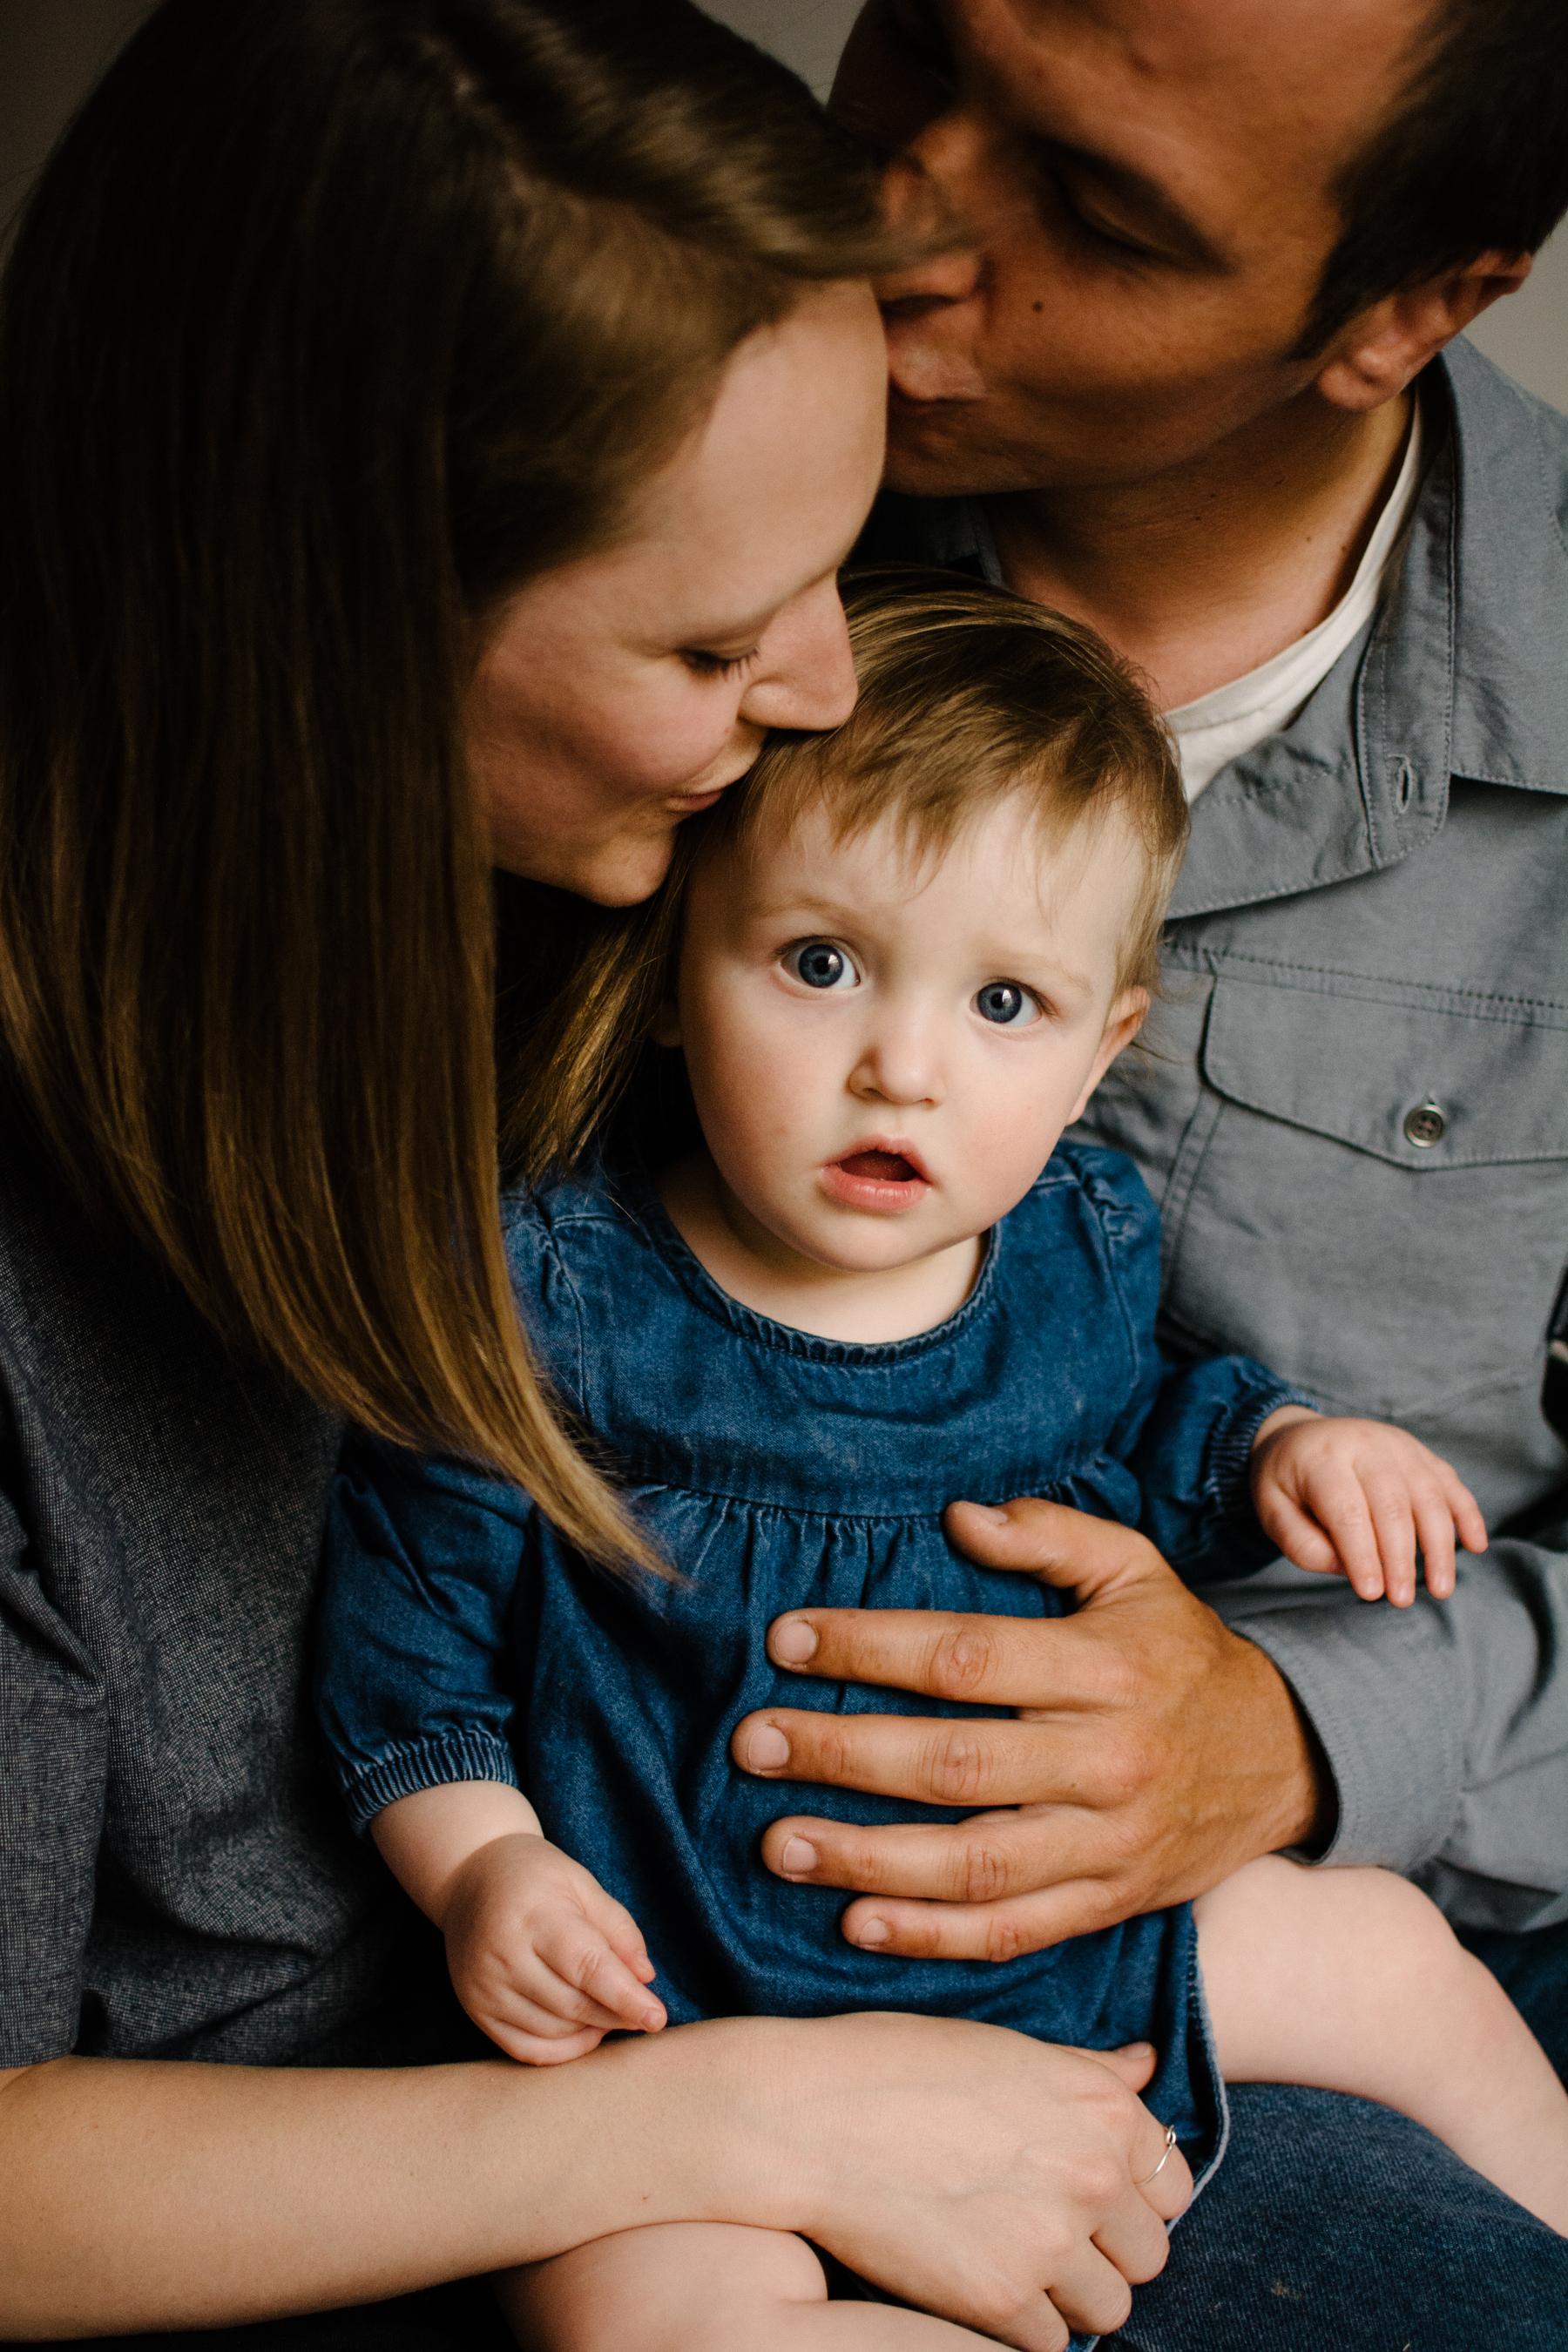 photo-d-un-bebe-et-ses-parents-qui-s-embrasse-a-la-chaine-photographe-lifestyle-famille-et-nouveau-ne-a-montreal-marianne-charland-9.jpg